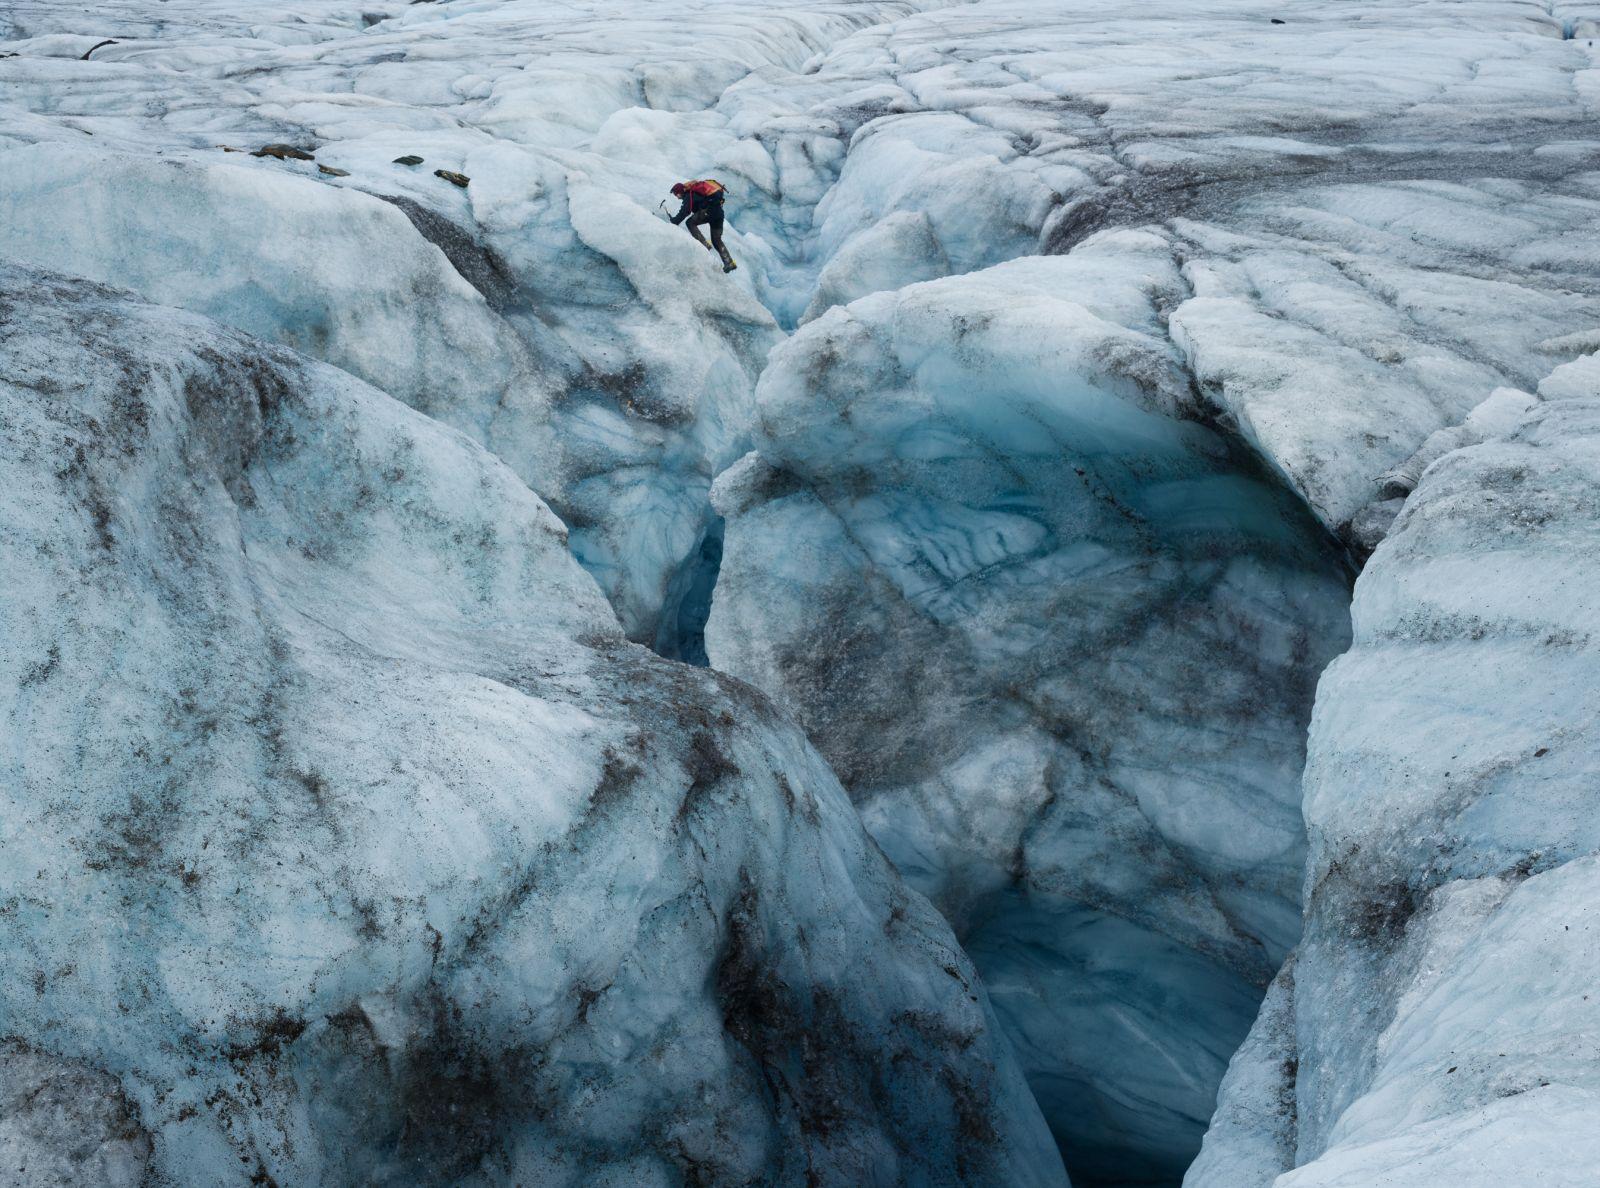 Panthalassa-CoreyArnold-iceberg-explorer